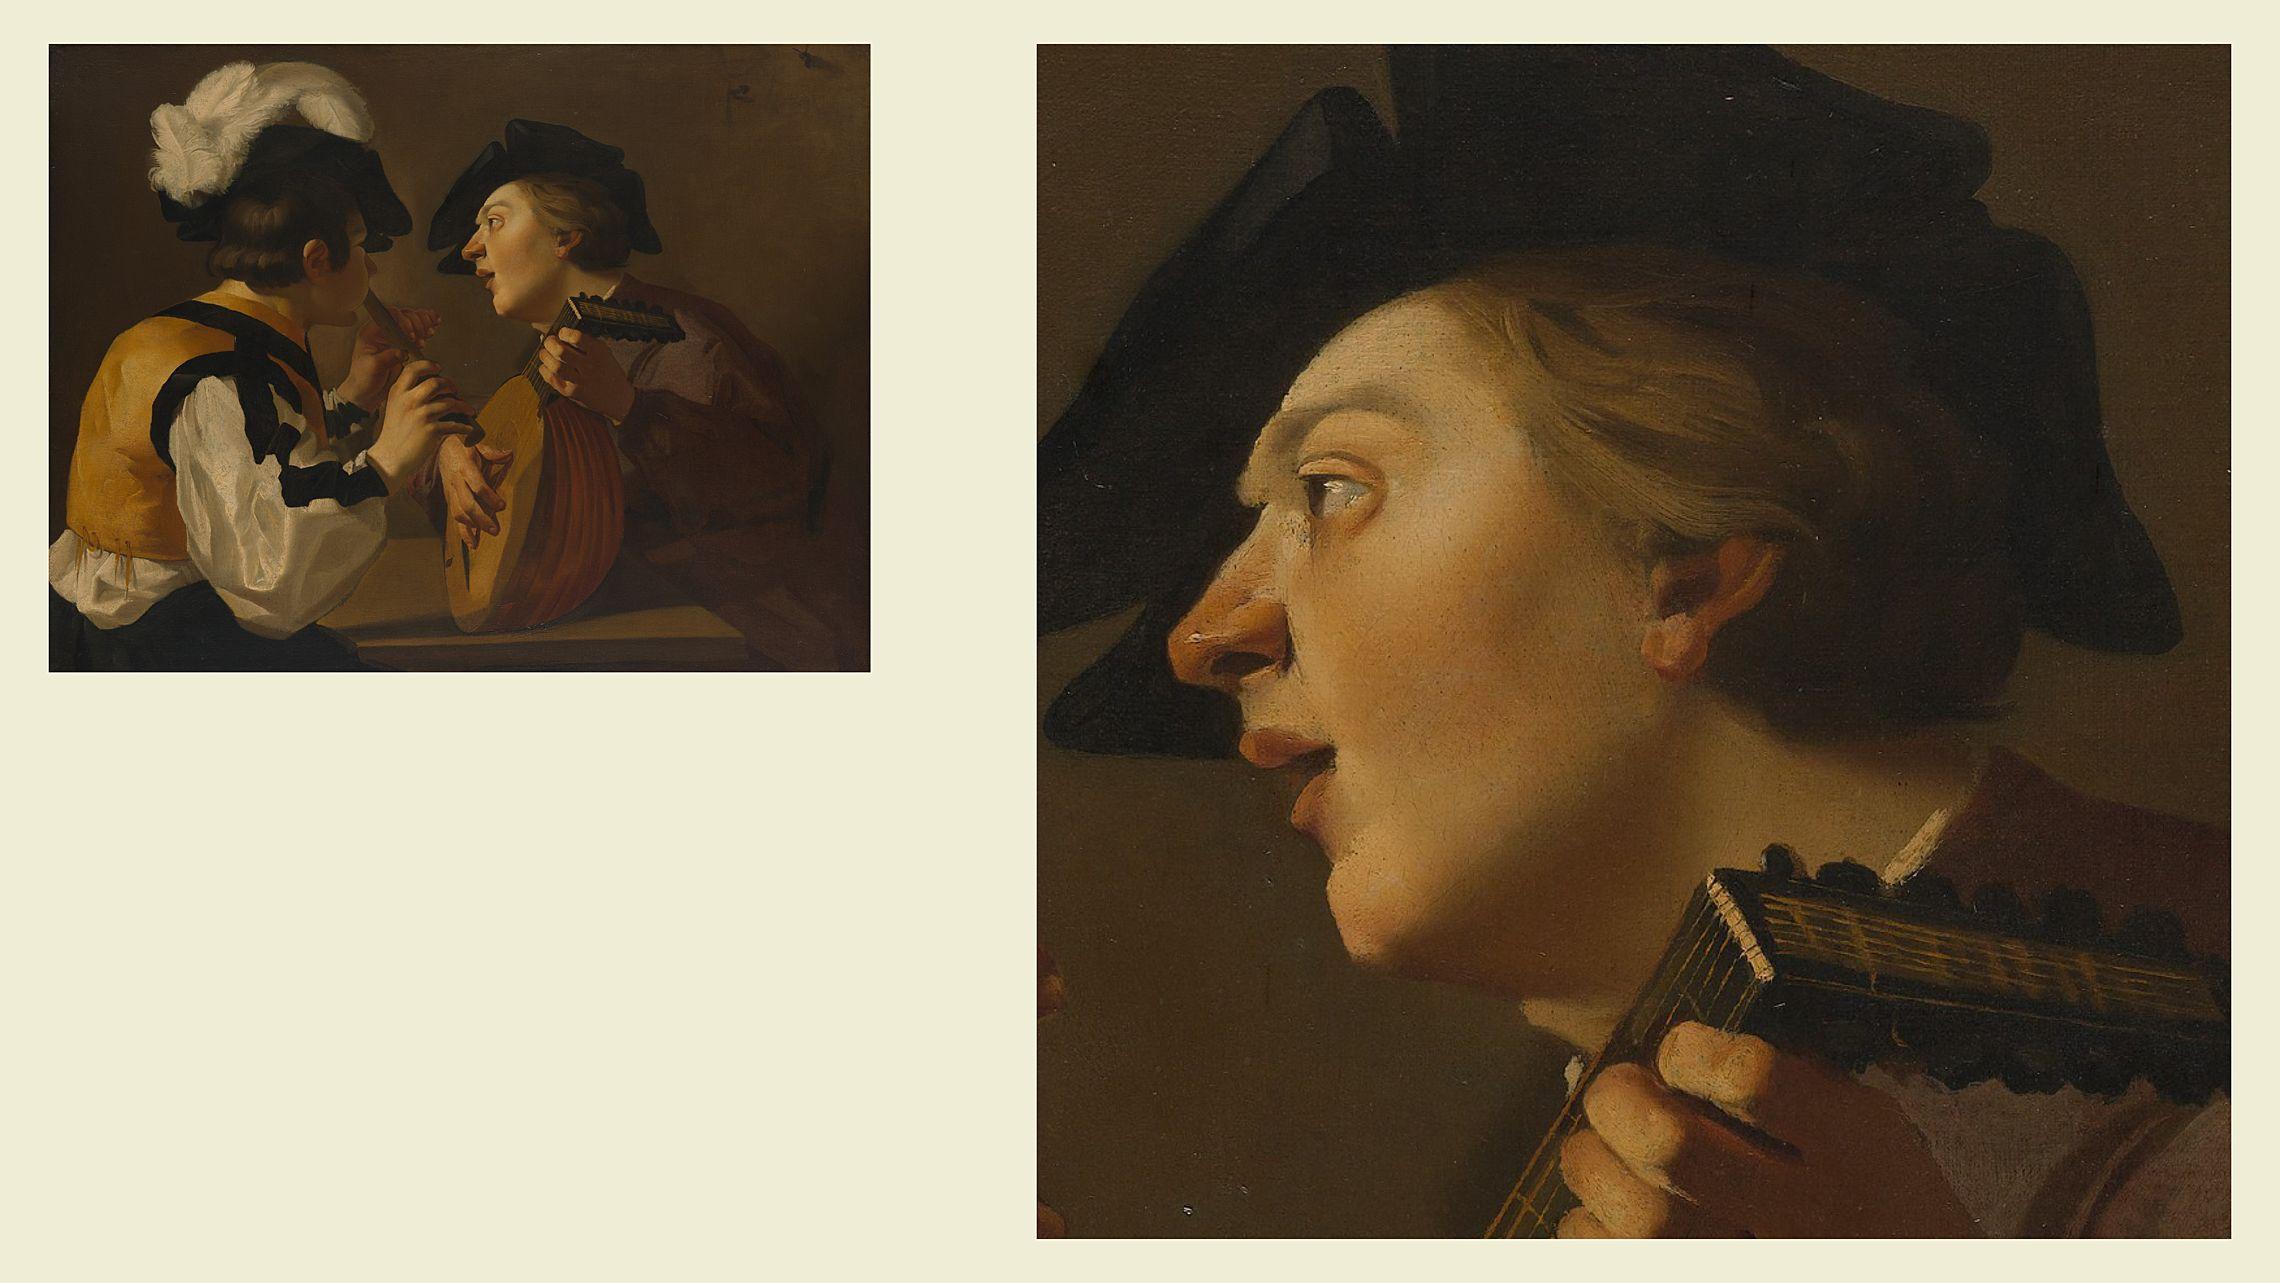 Неизвестный утрехтский караваджист. «Два музыканта», XVII век. Из коллекции Метрополитен-музея